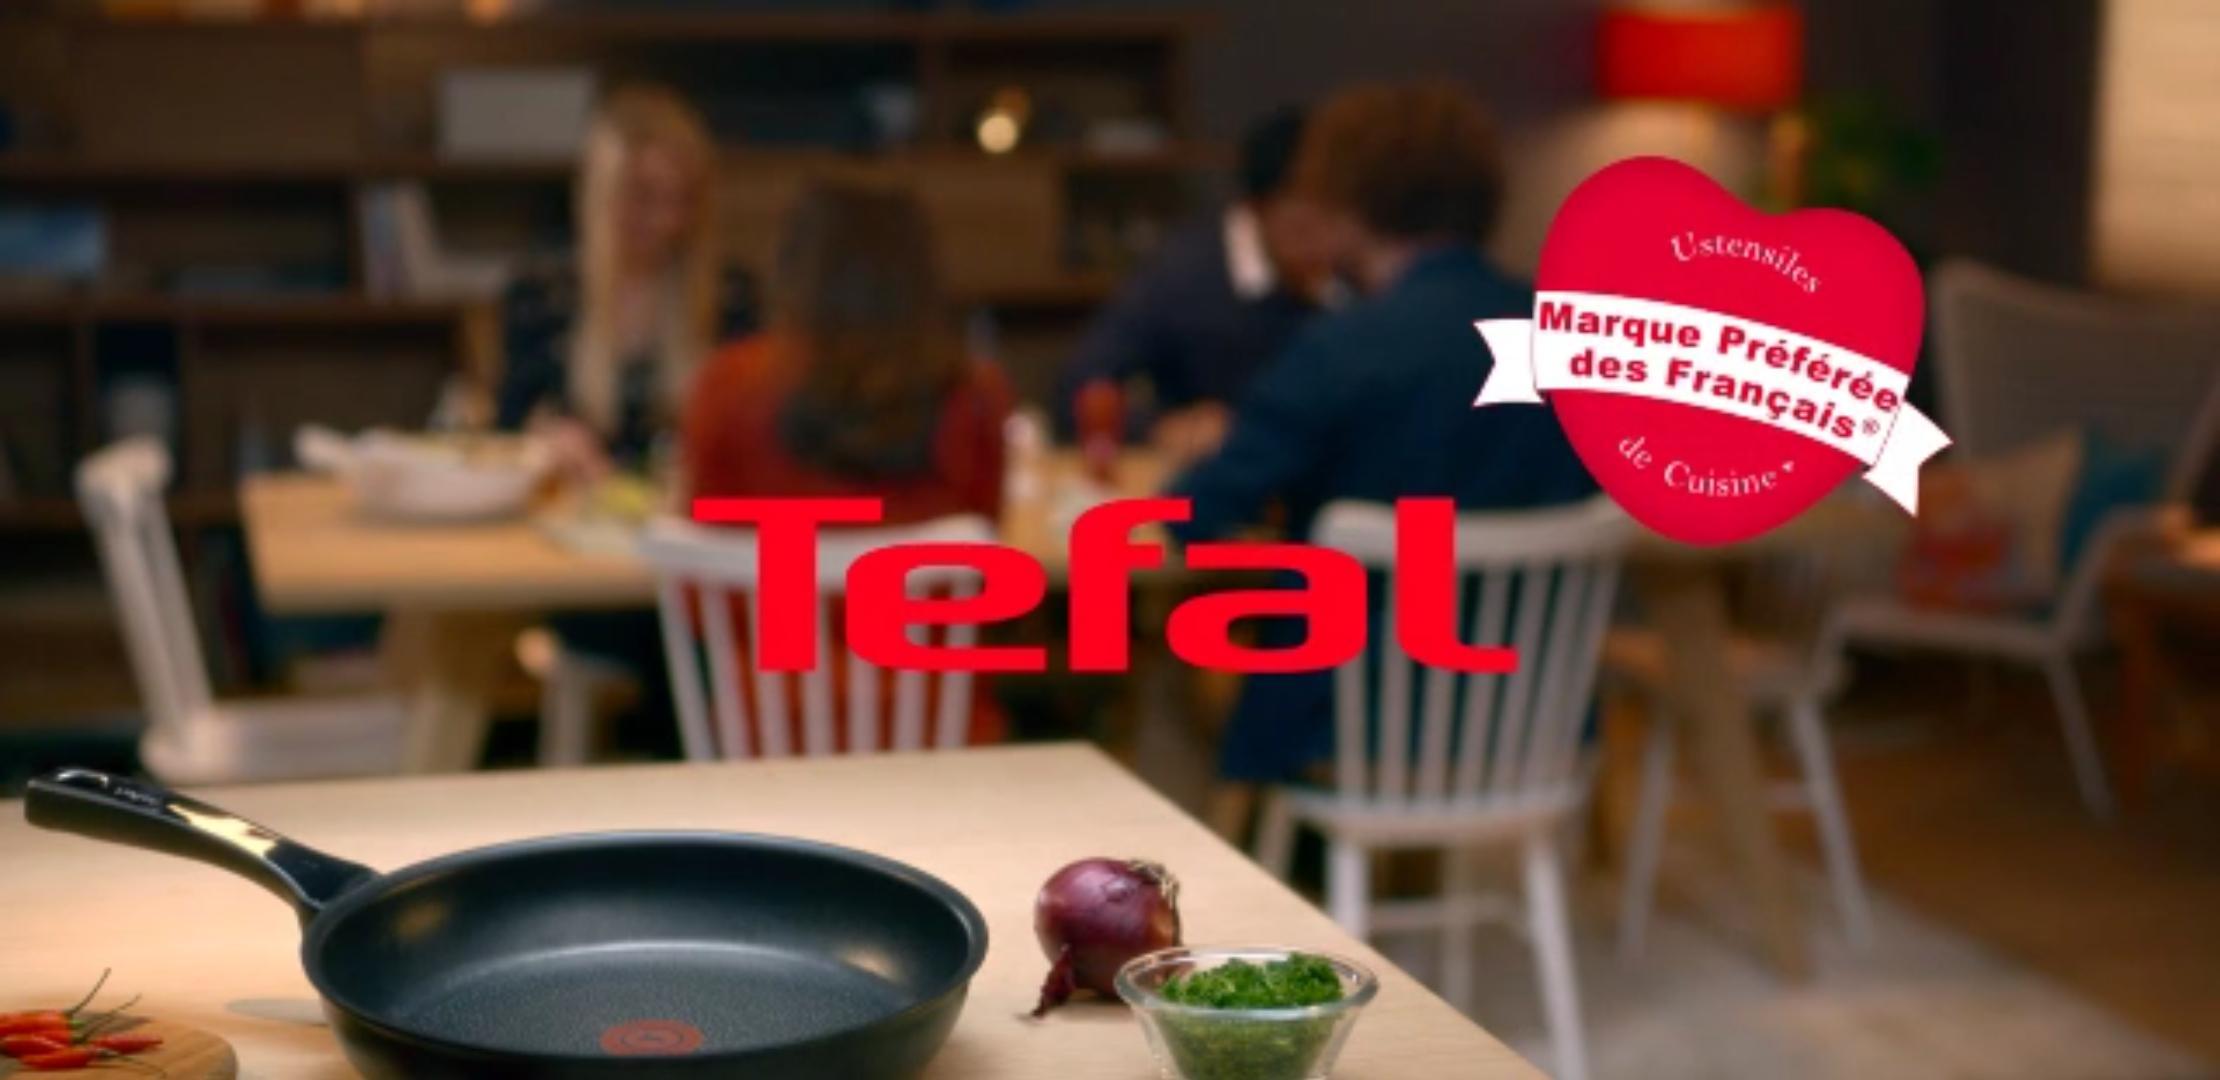 Spot TV / VOL: Téfal